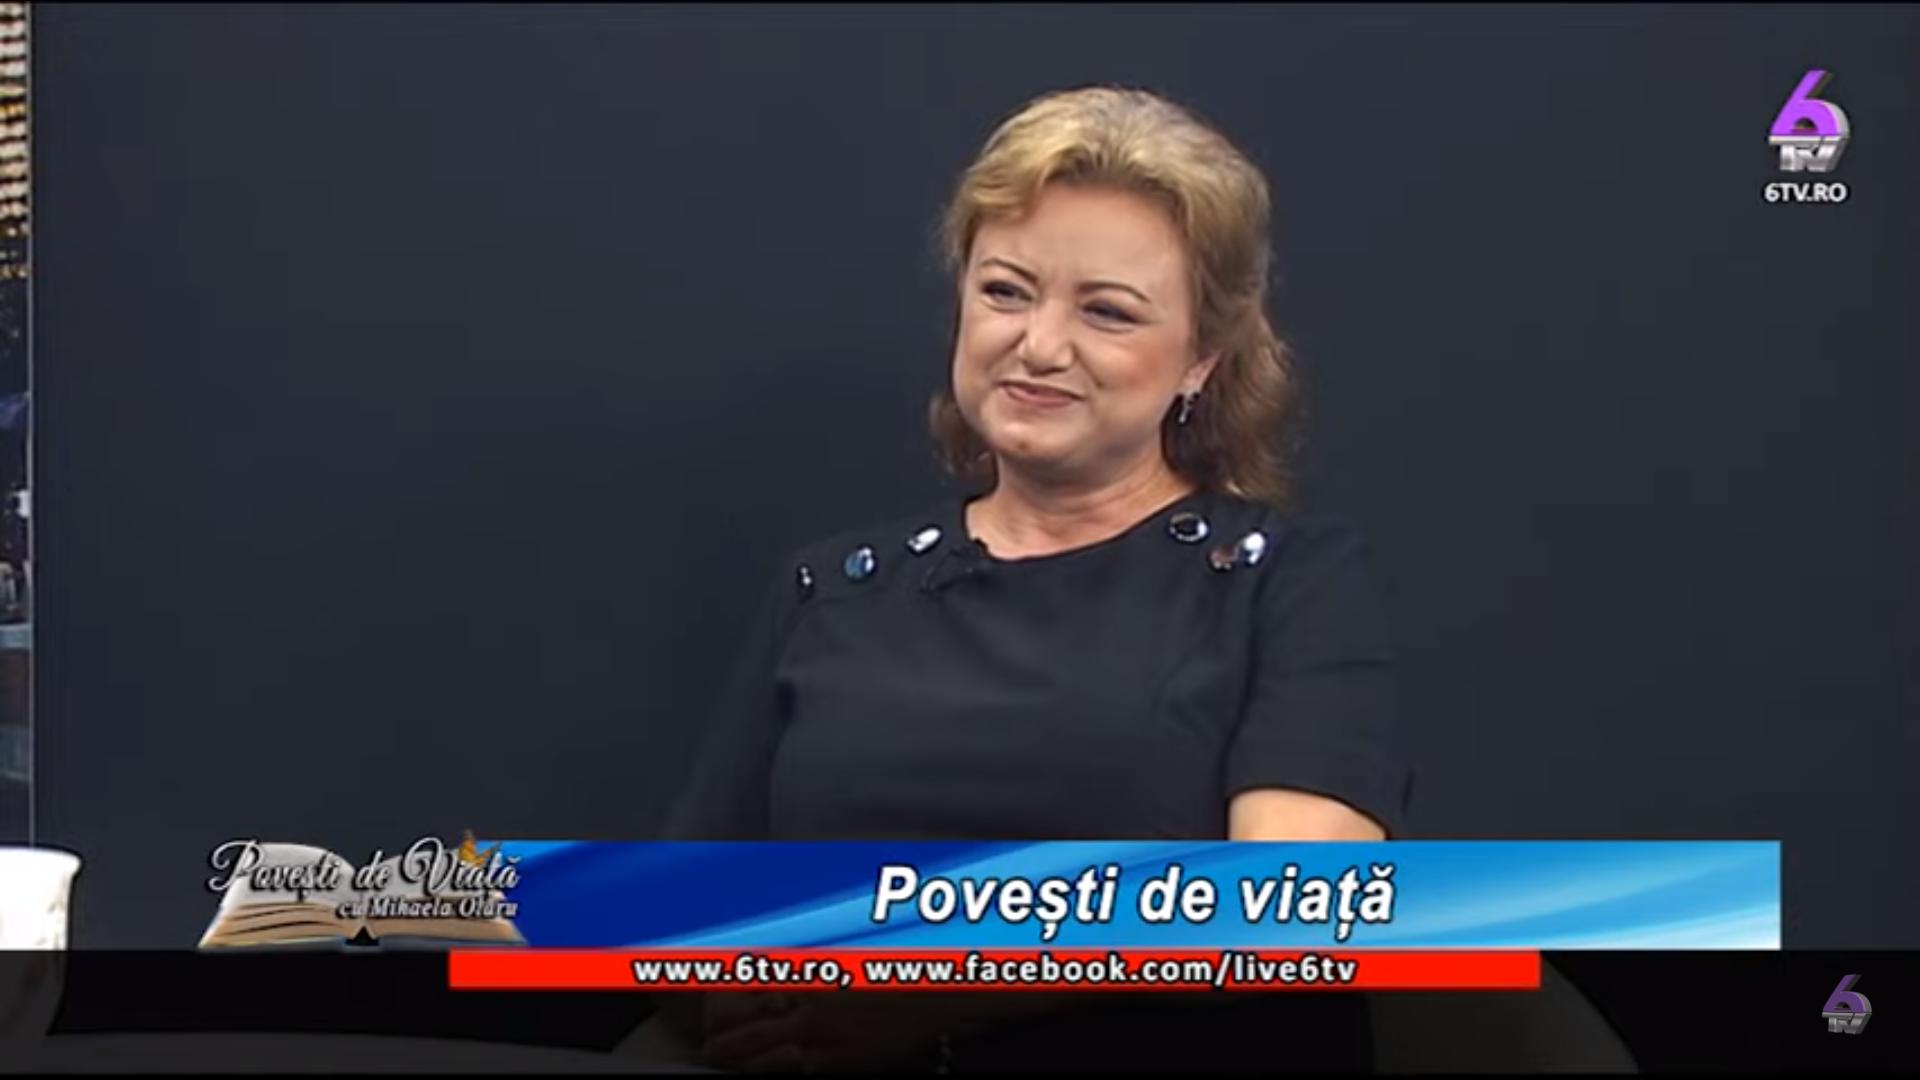 28. Psiholog Ioana Tănase